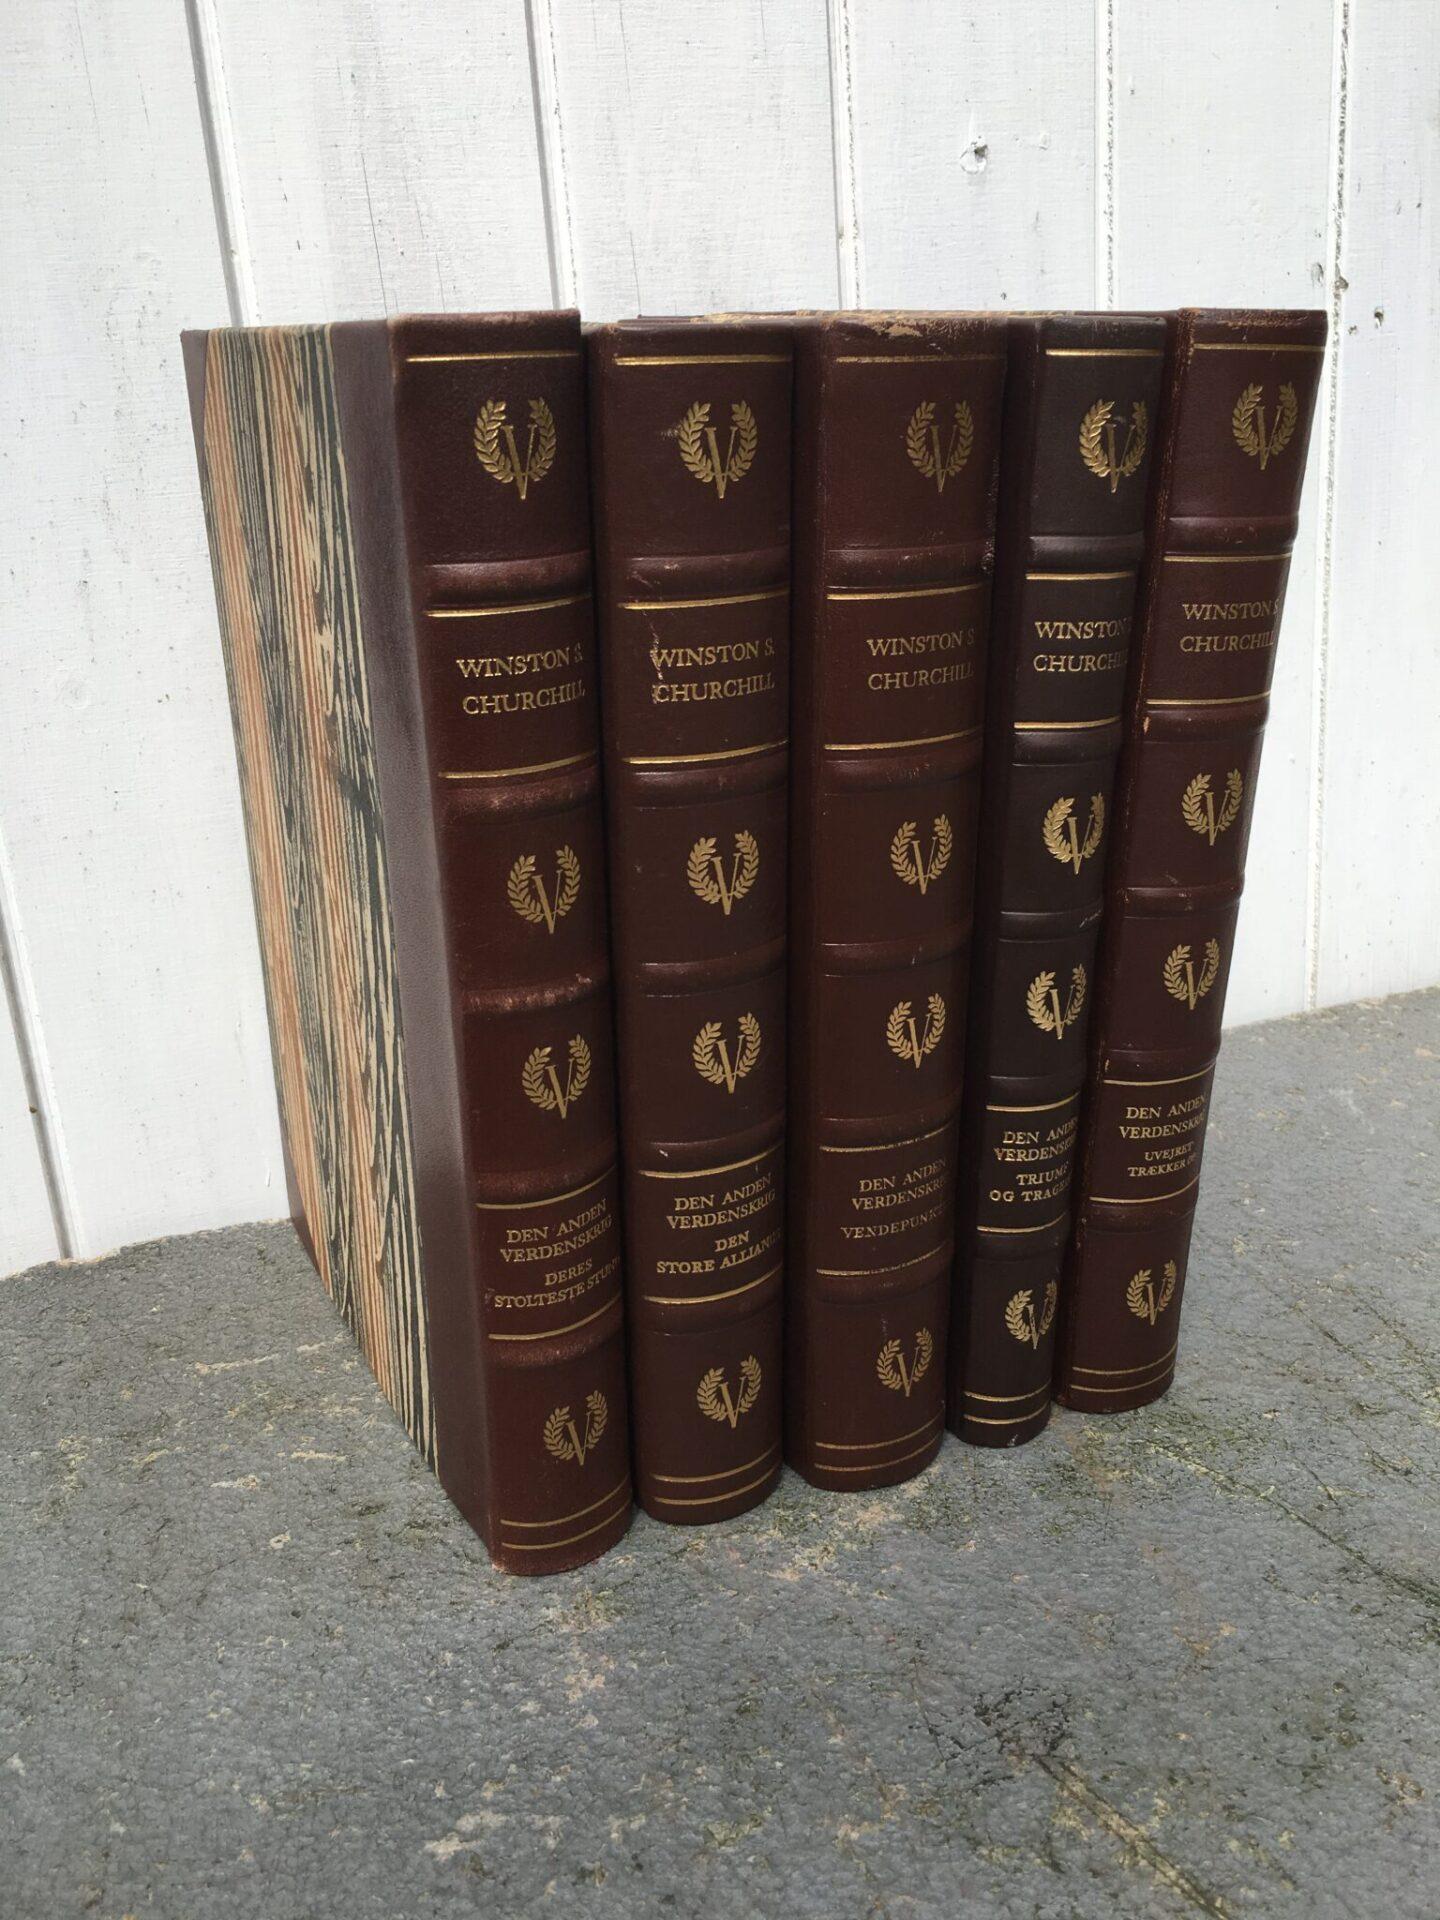 Winston Churchill, 2. verdenskrig, 5 velholdte bind, ialt 100kr